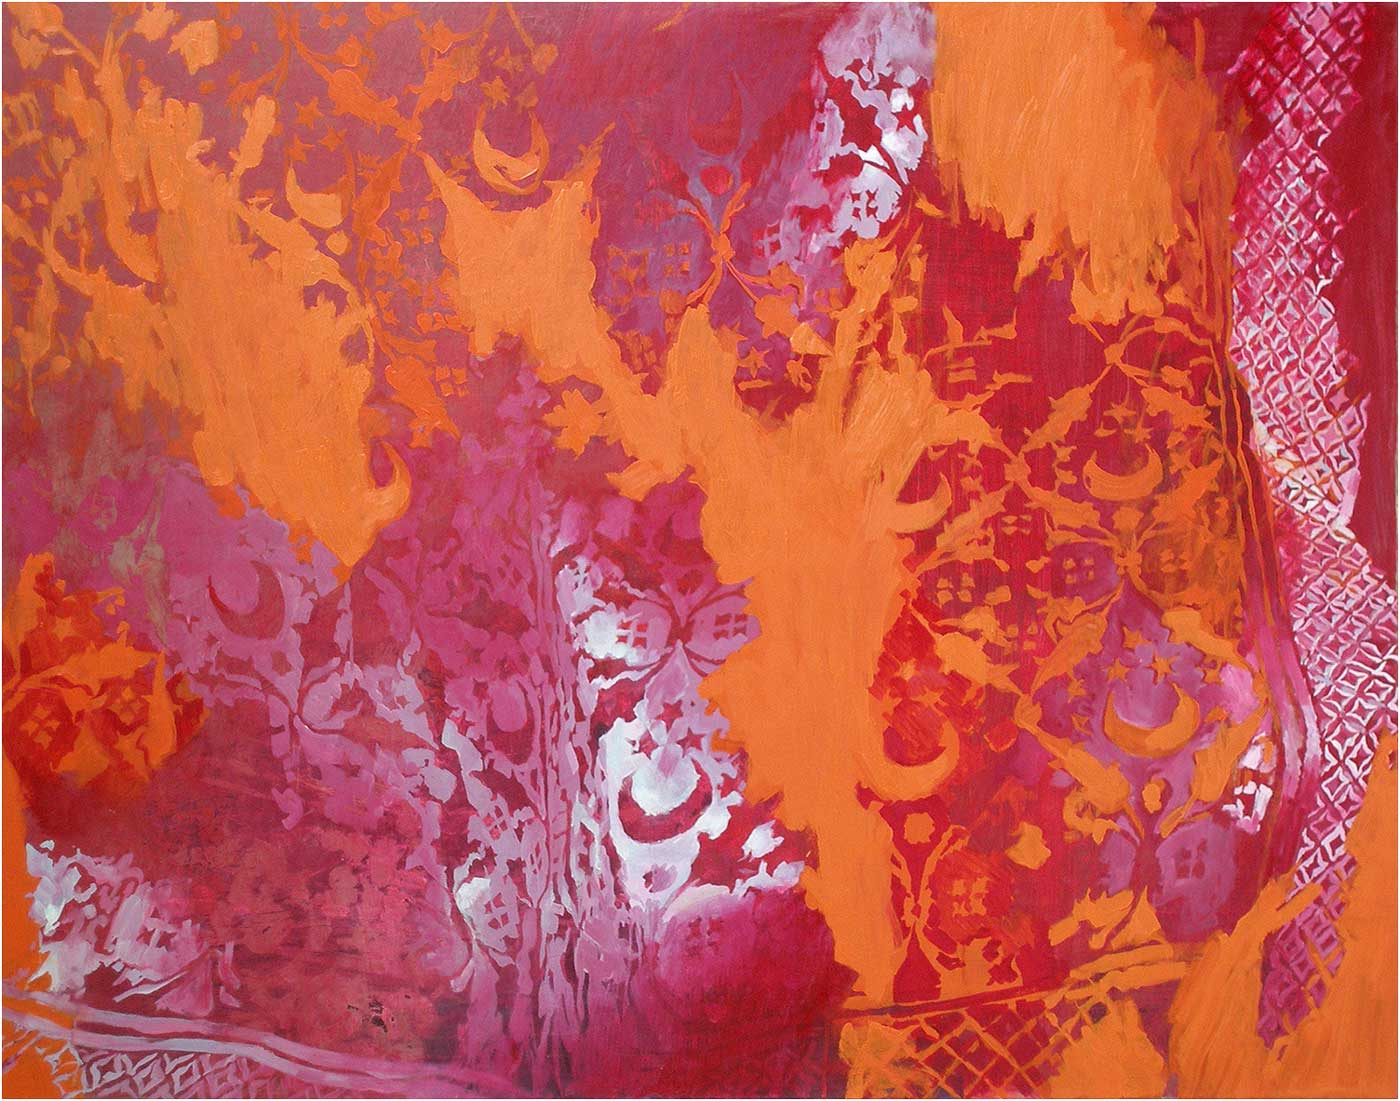 Arabeske 52, 120 x 155 cm, Öl/Lwd., 2014